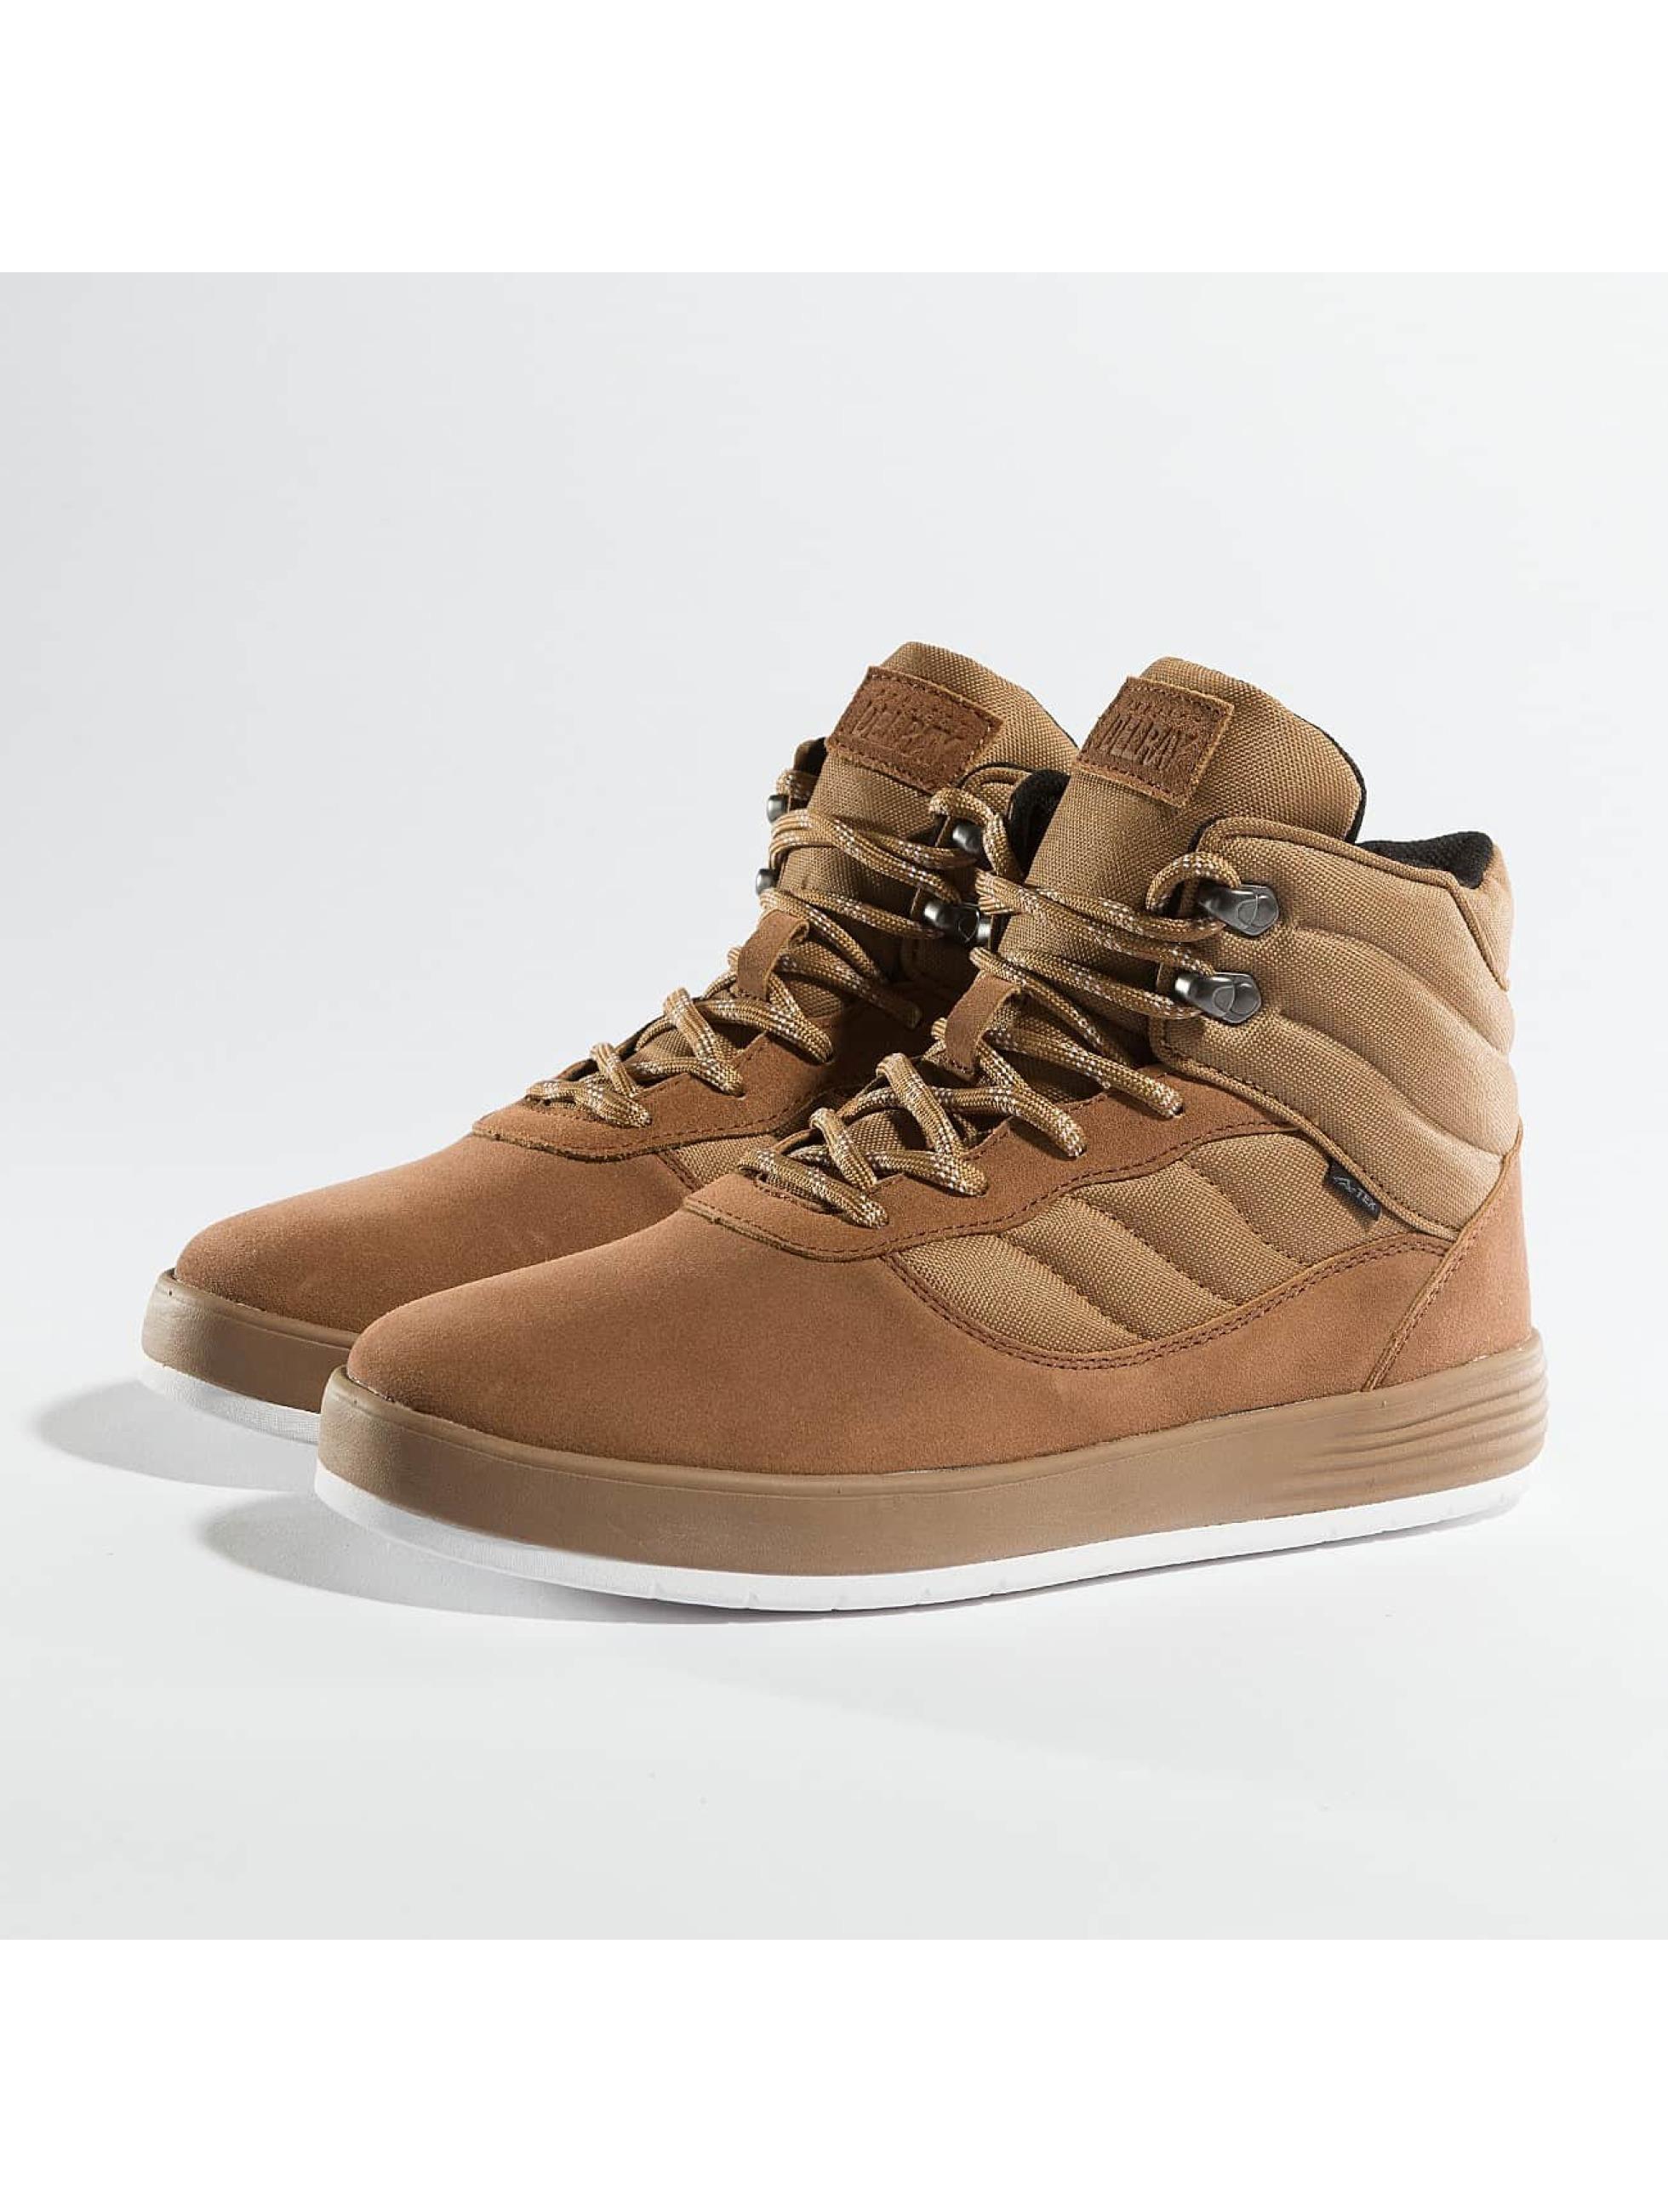 Project Delray Männer Sneaker DLRY 250 in braun